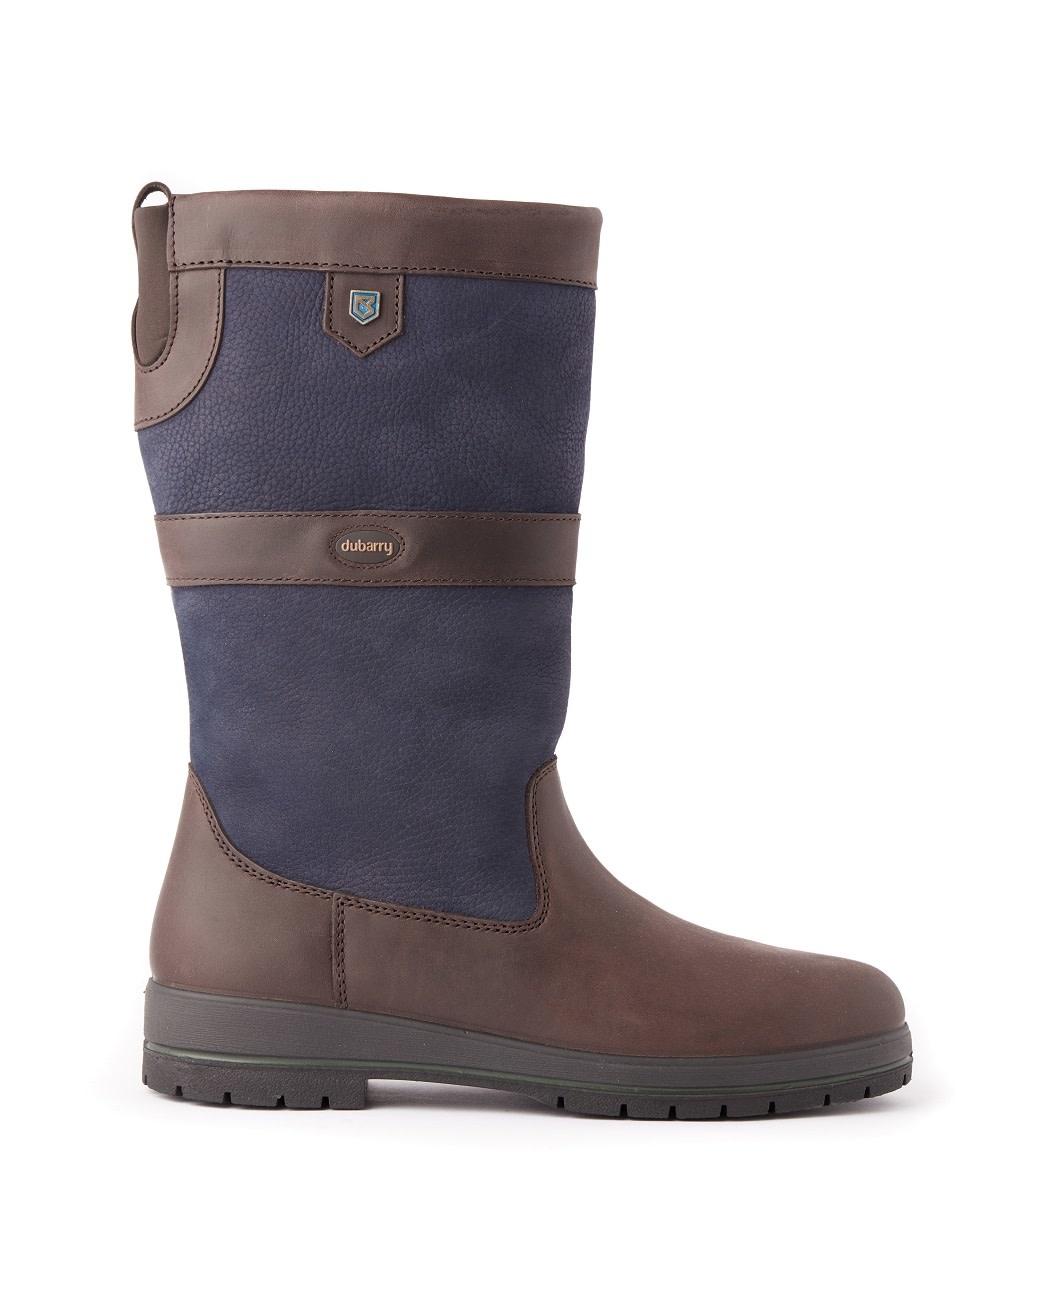 Dubarry Kildare outdoor laarzen - Navy/Brown-5